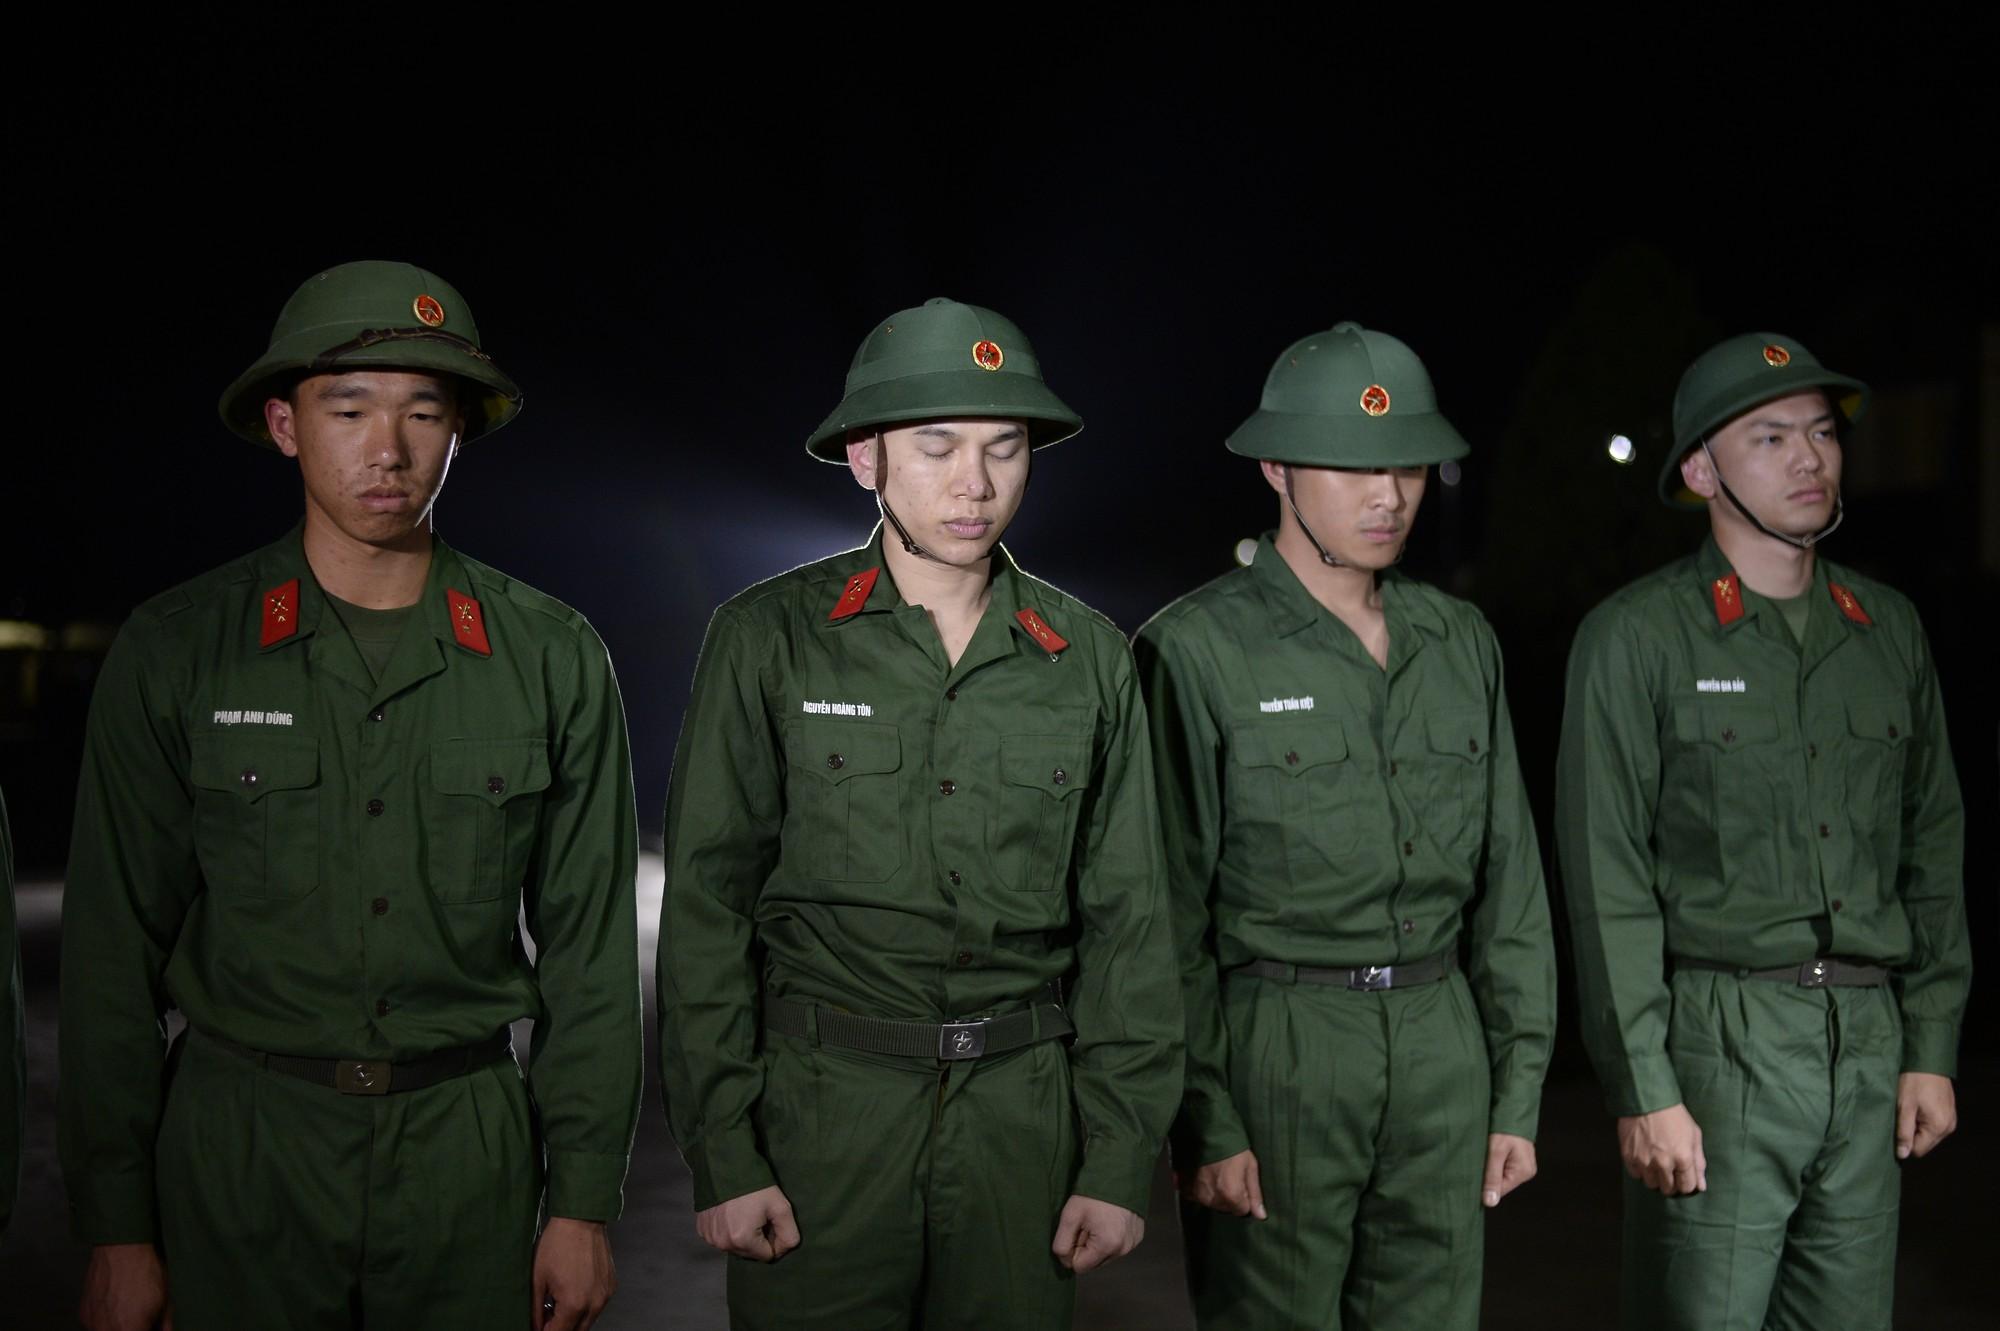 Sao nhập ngũ: Gin Tuấn Kiệt, Hoàng Tôn khiến đồng đội mất ngủ chỉ vì quên mang... vớ - Ảnh 5.